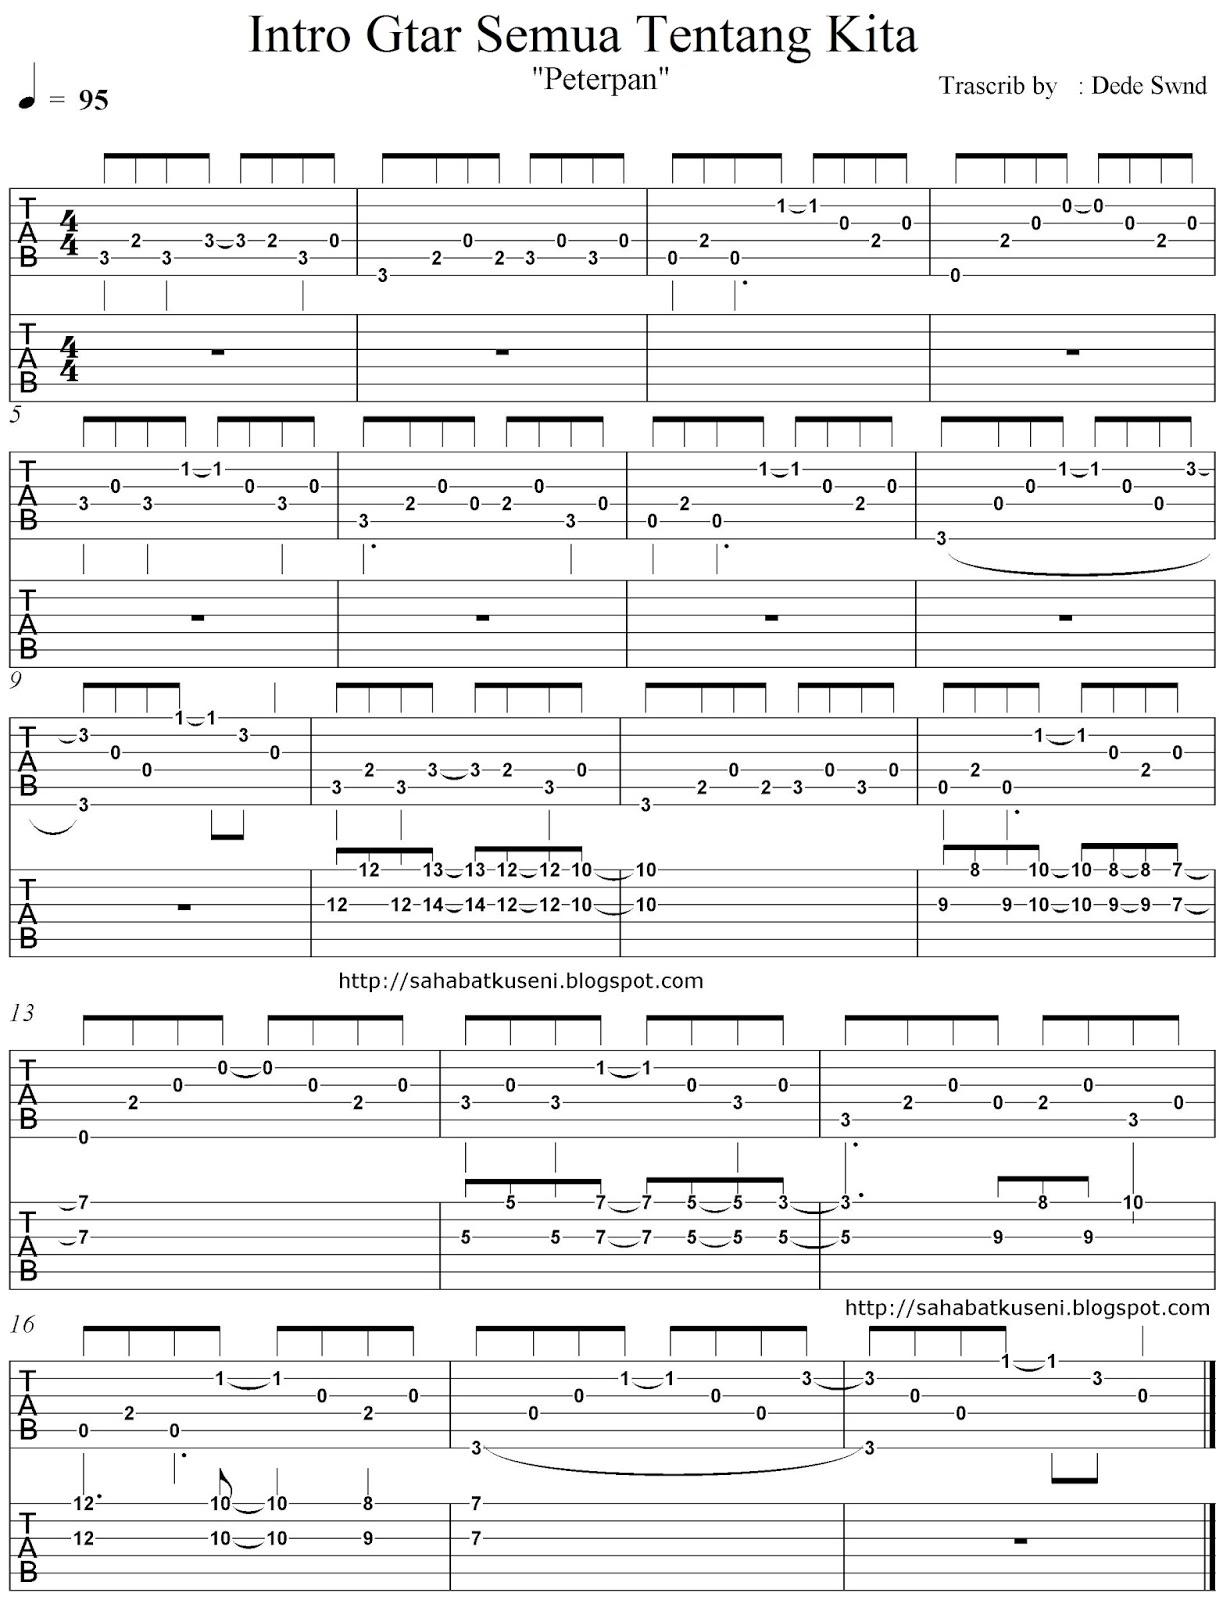 Akustik Gitar Belajar Lagu Semua Tentang Kita | belajar